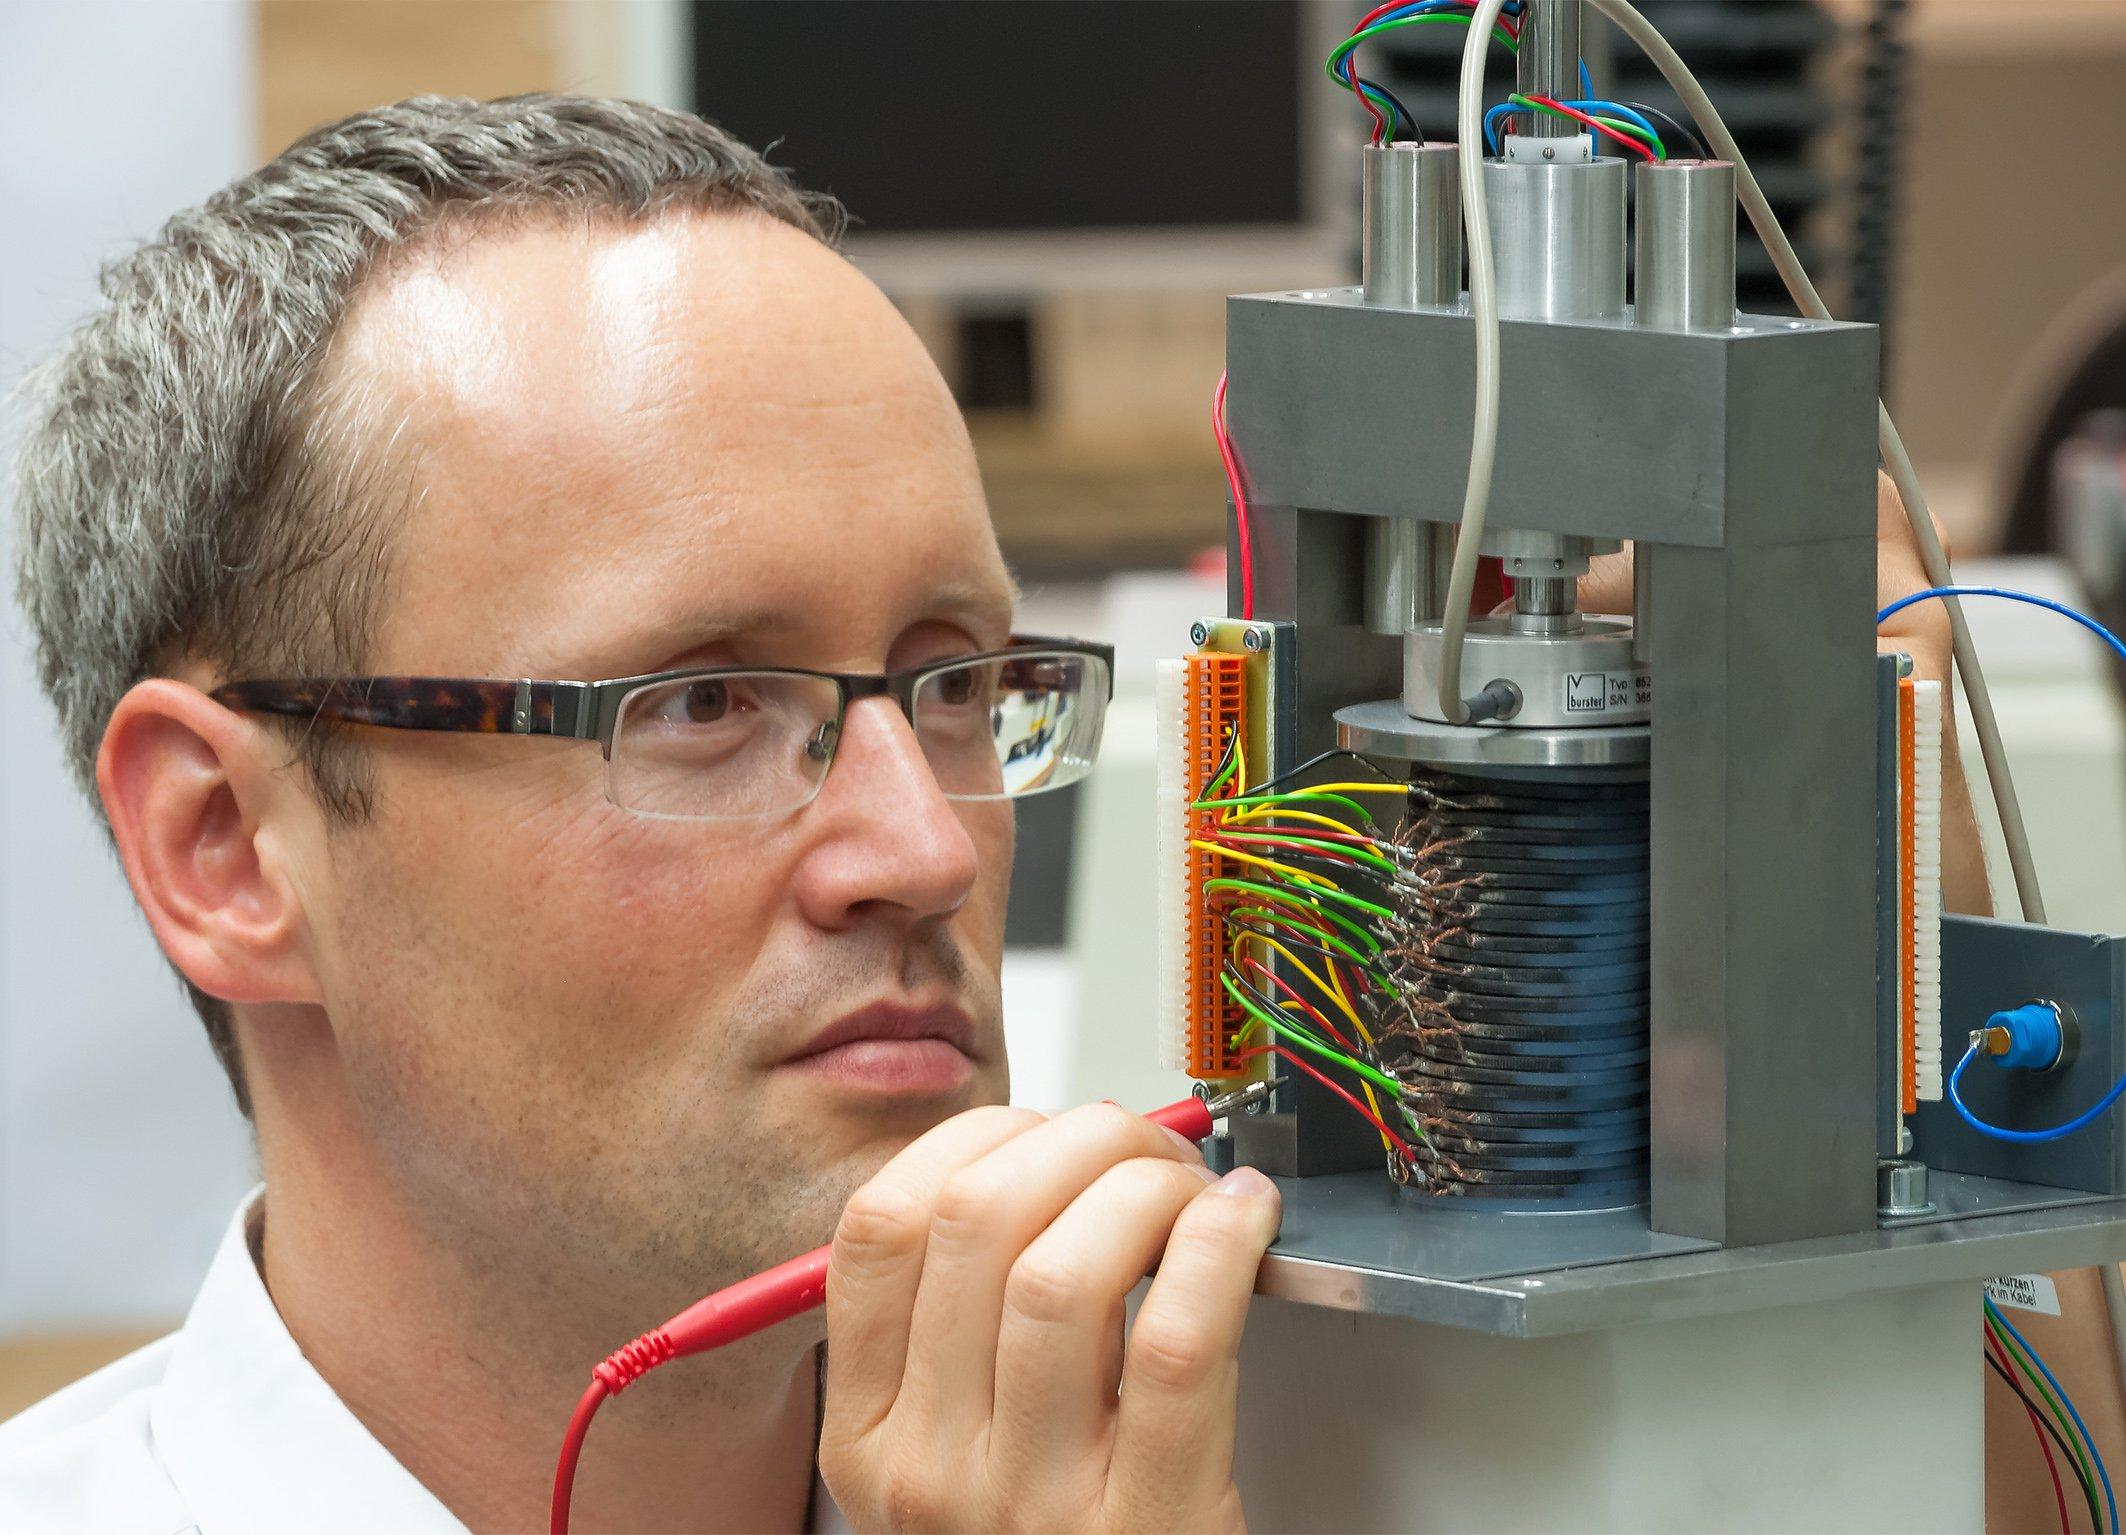 Umweltfreundlicher Strom aus Wellenkraft: EPoSiL-Projektleiter Dr. Istvan Denes prüft den an der TU Darmstadt entwickelten Demonstrator.